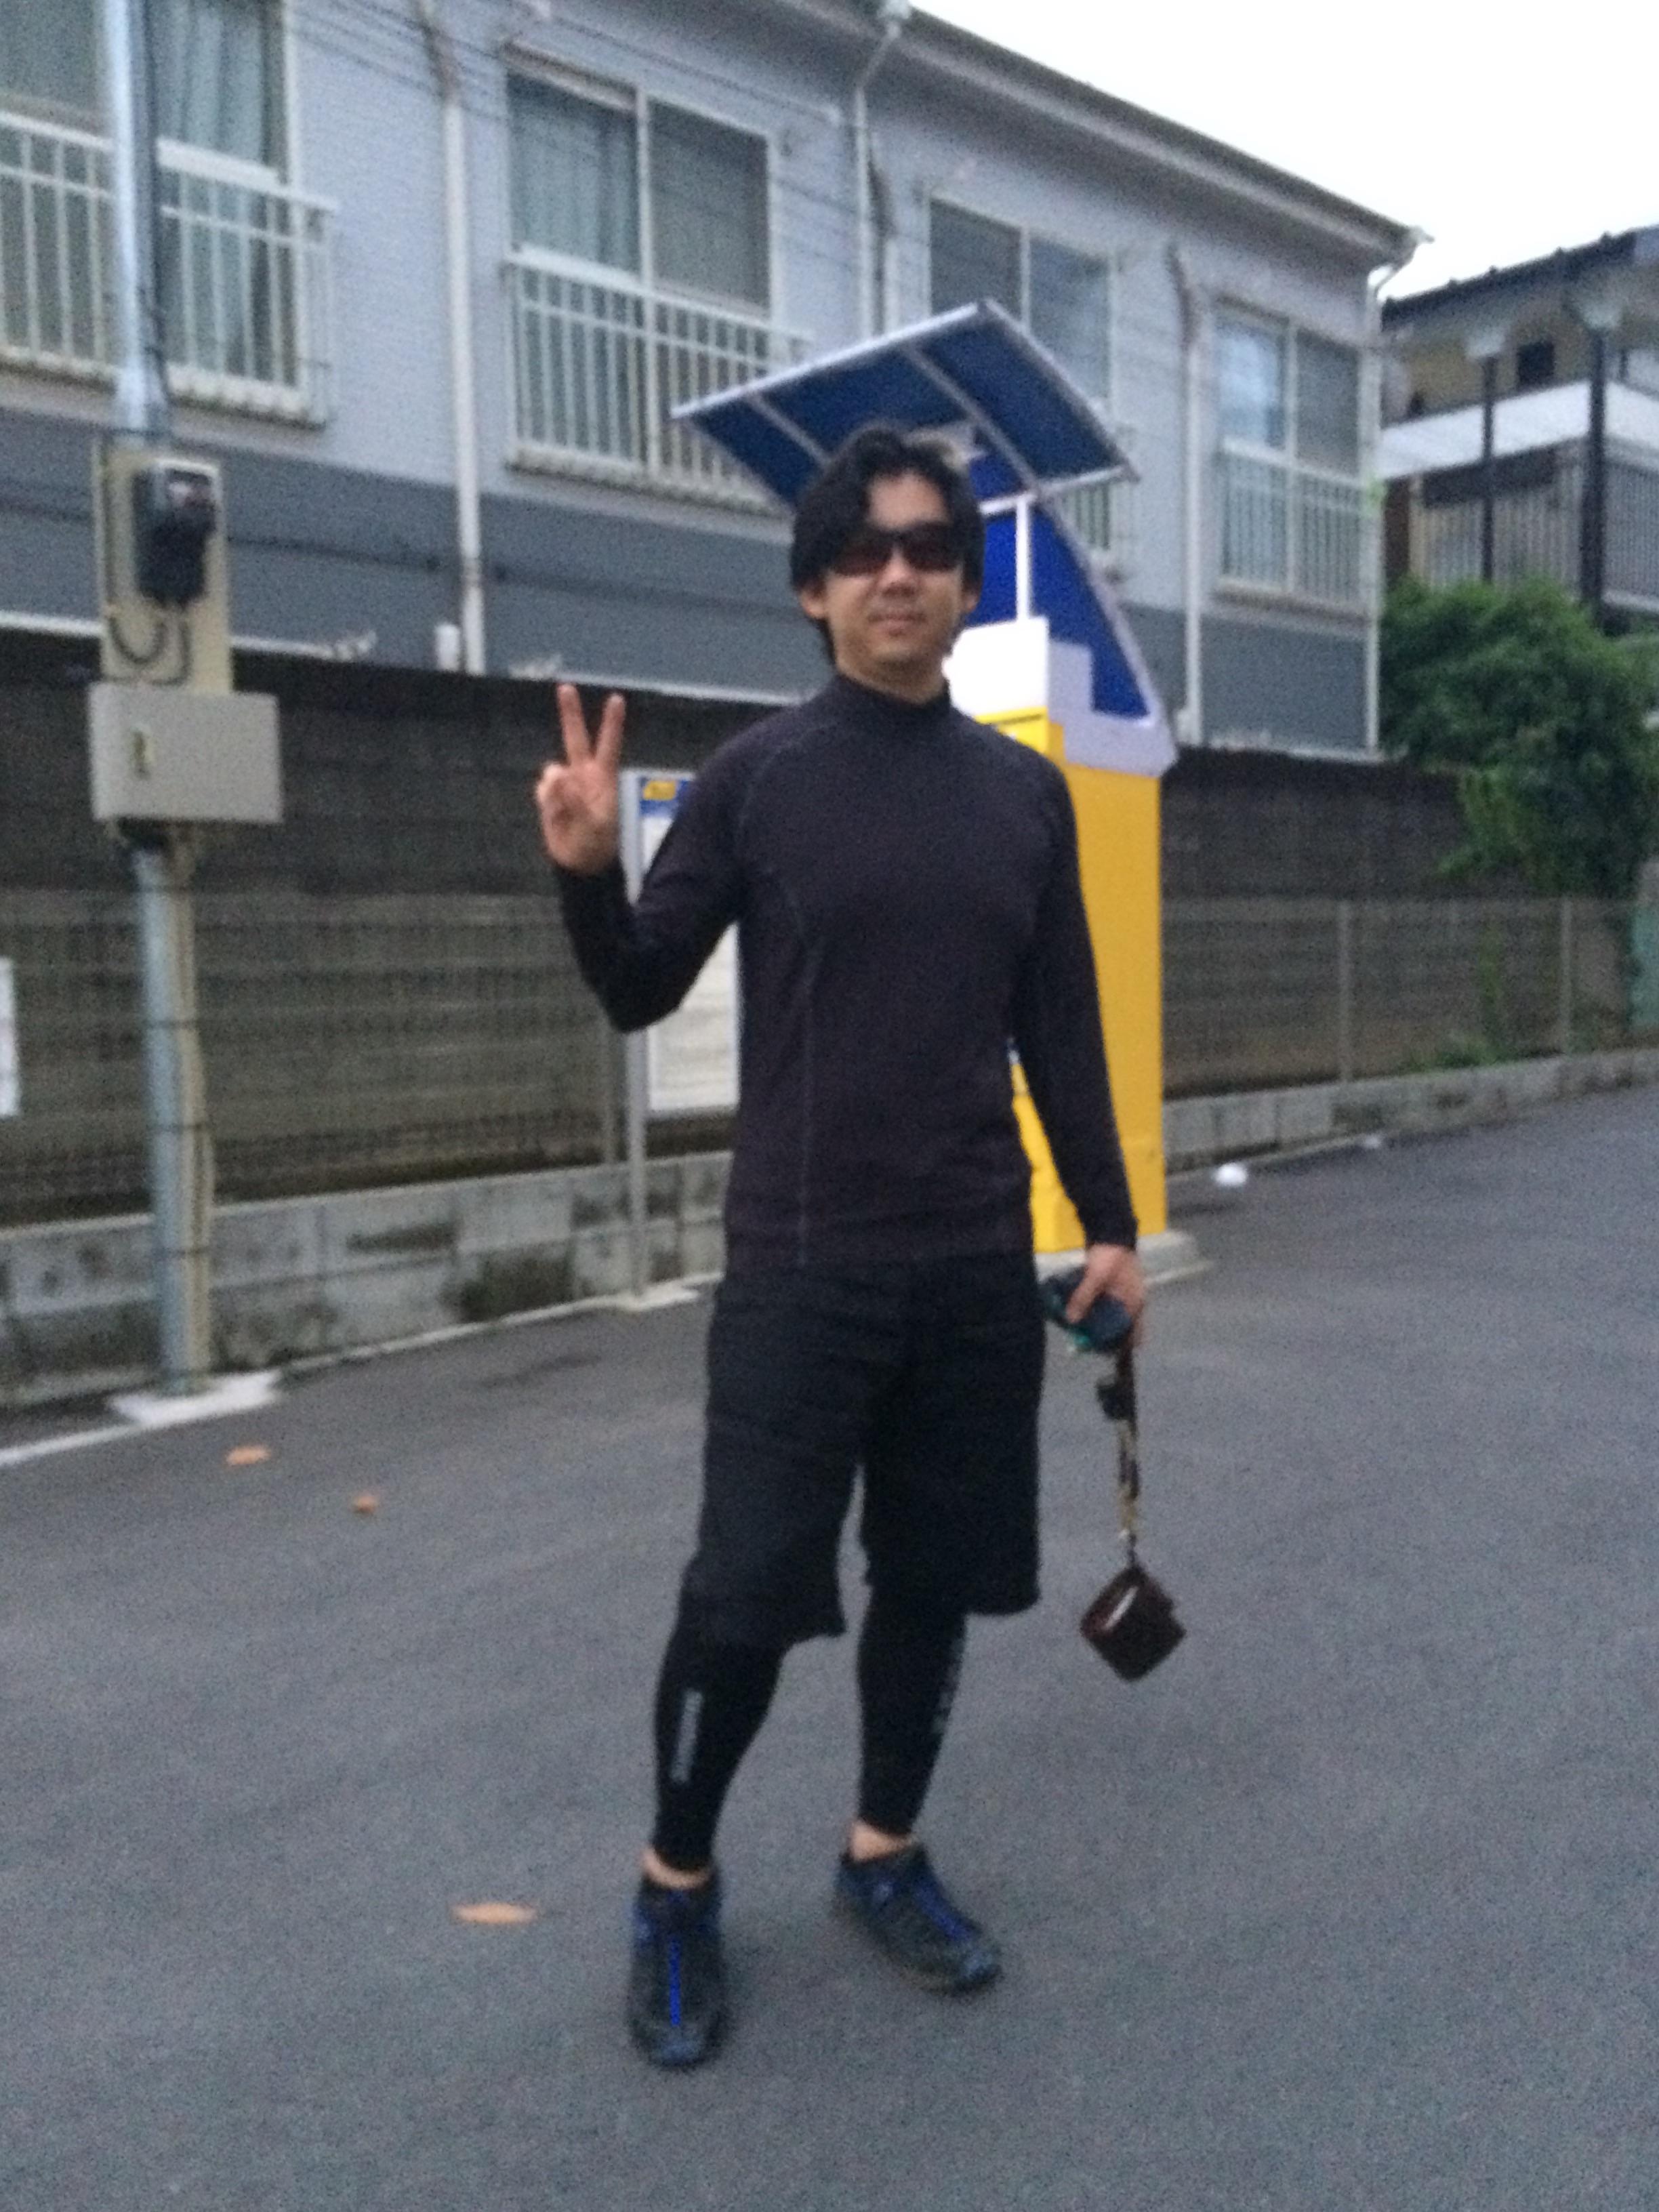 f:id:Lurehirahei:20210507145156j:image